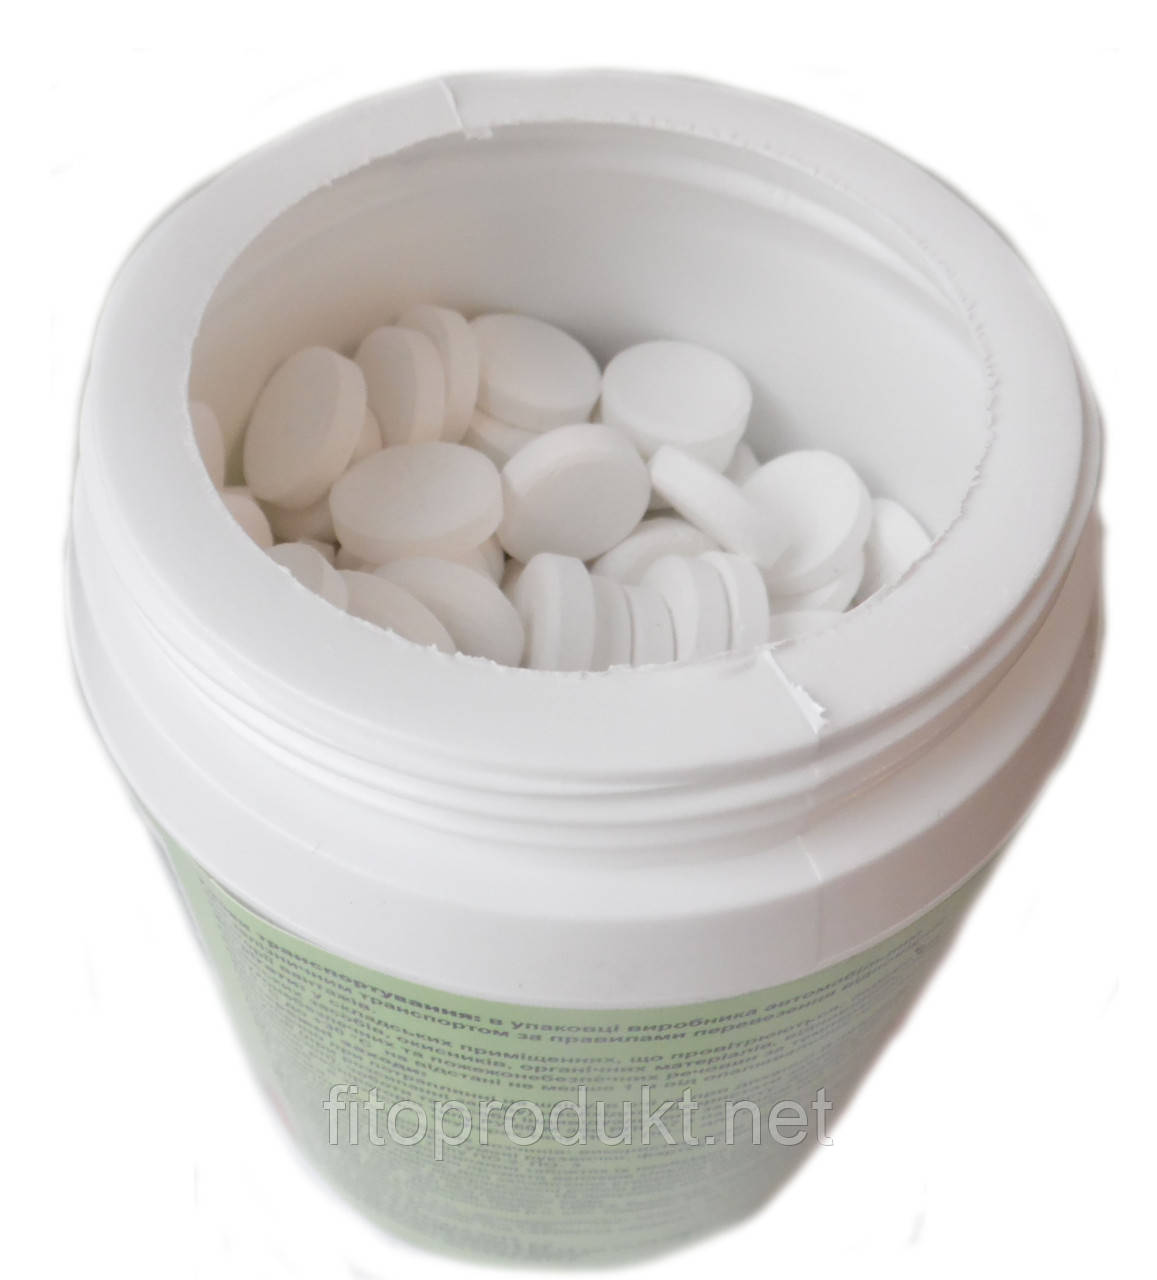 Хлорель эффективное дезинфицирующее средство в таблетках, №300